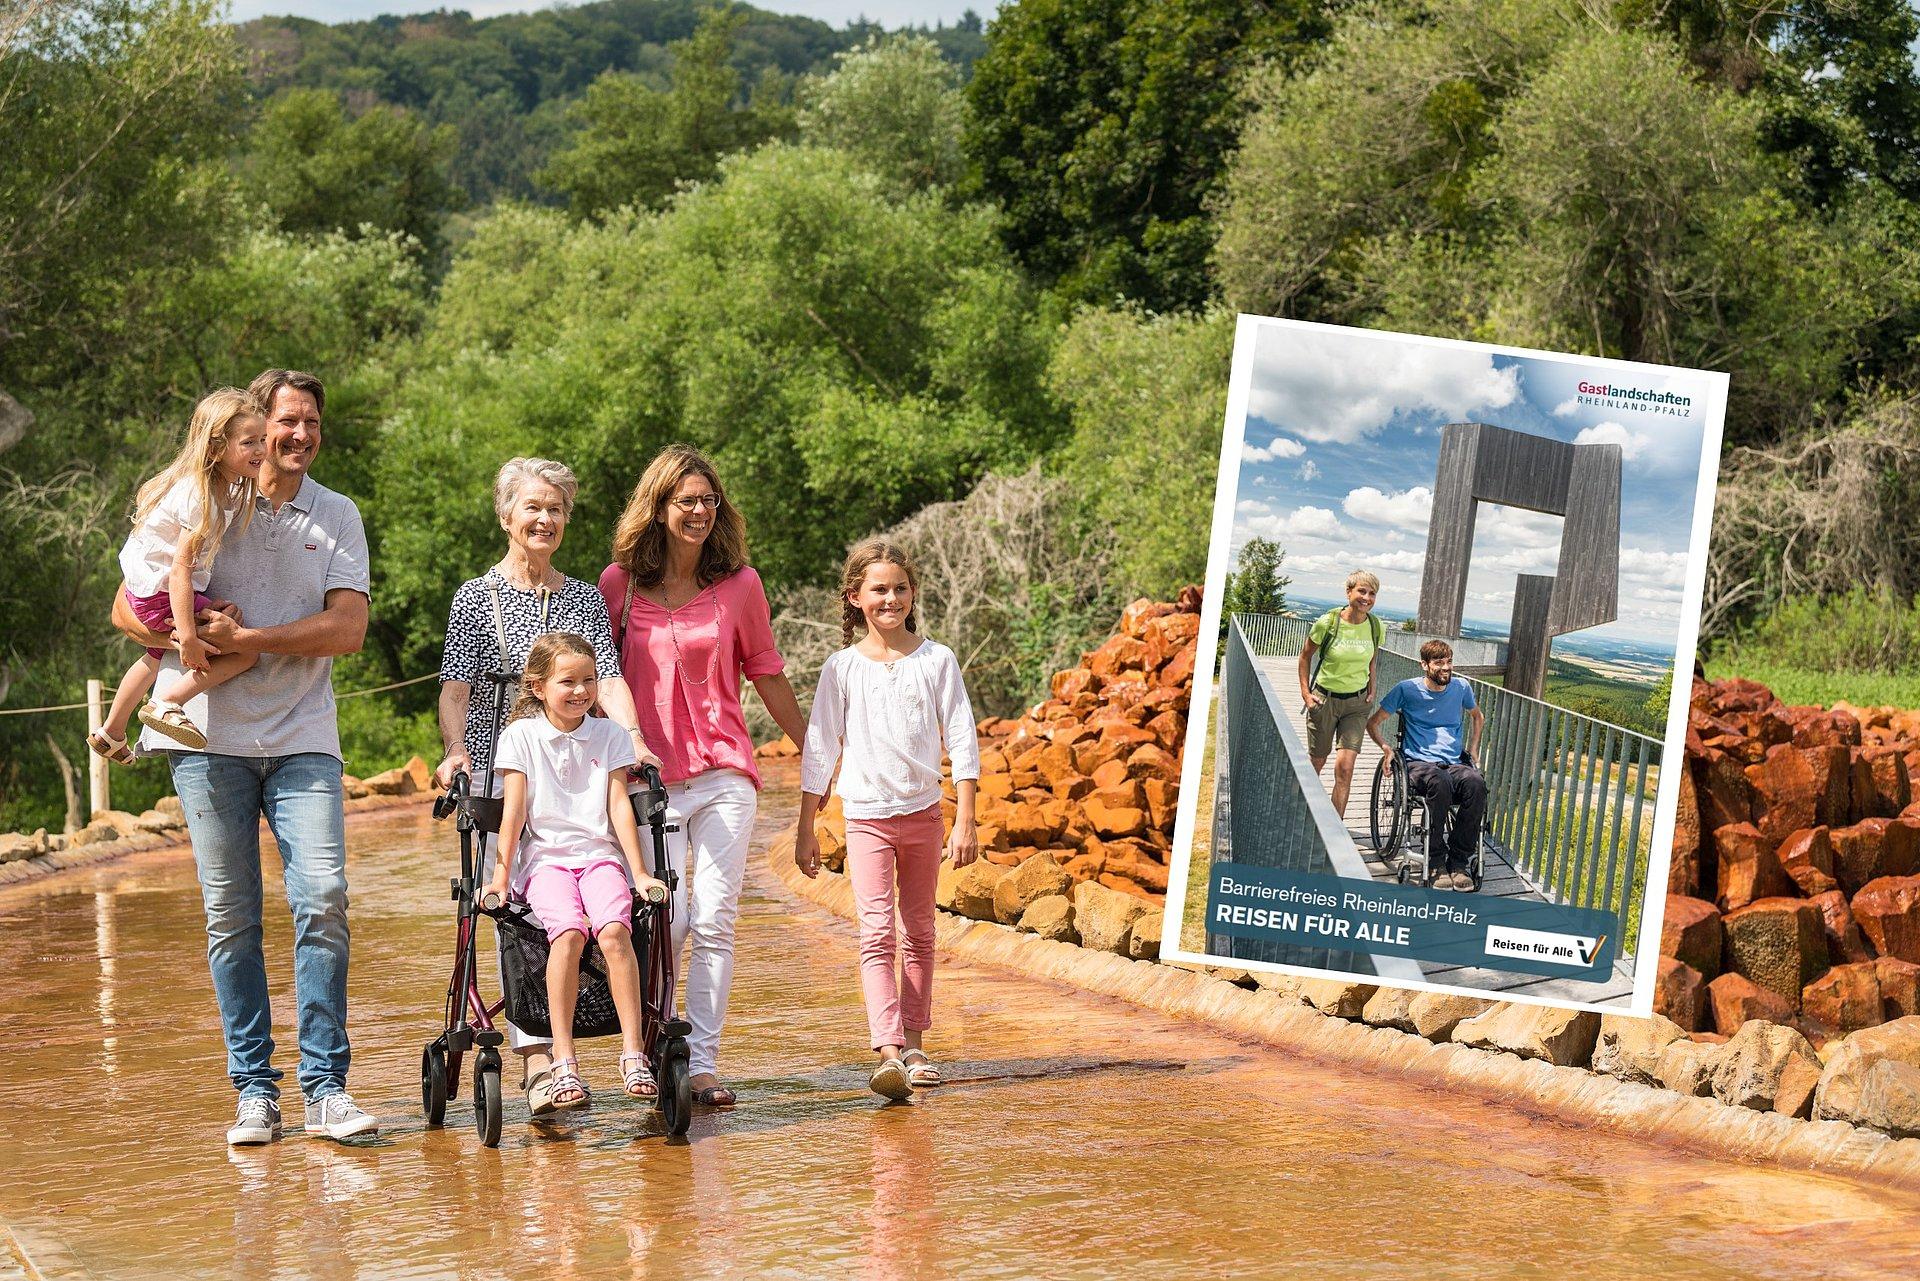 Höchster Kaltwassergeysir der Welt in Andernach, Romantischer Rhein